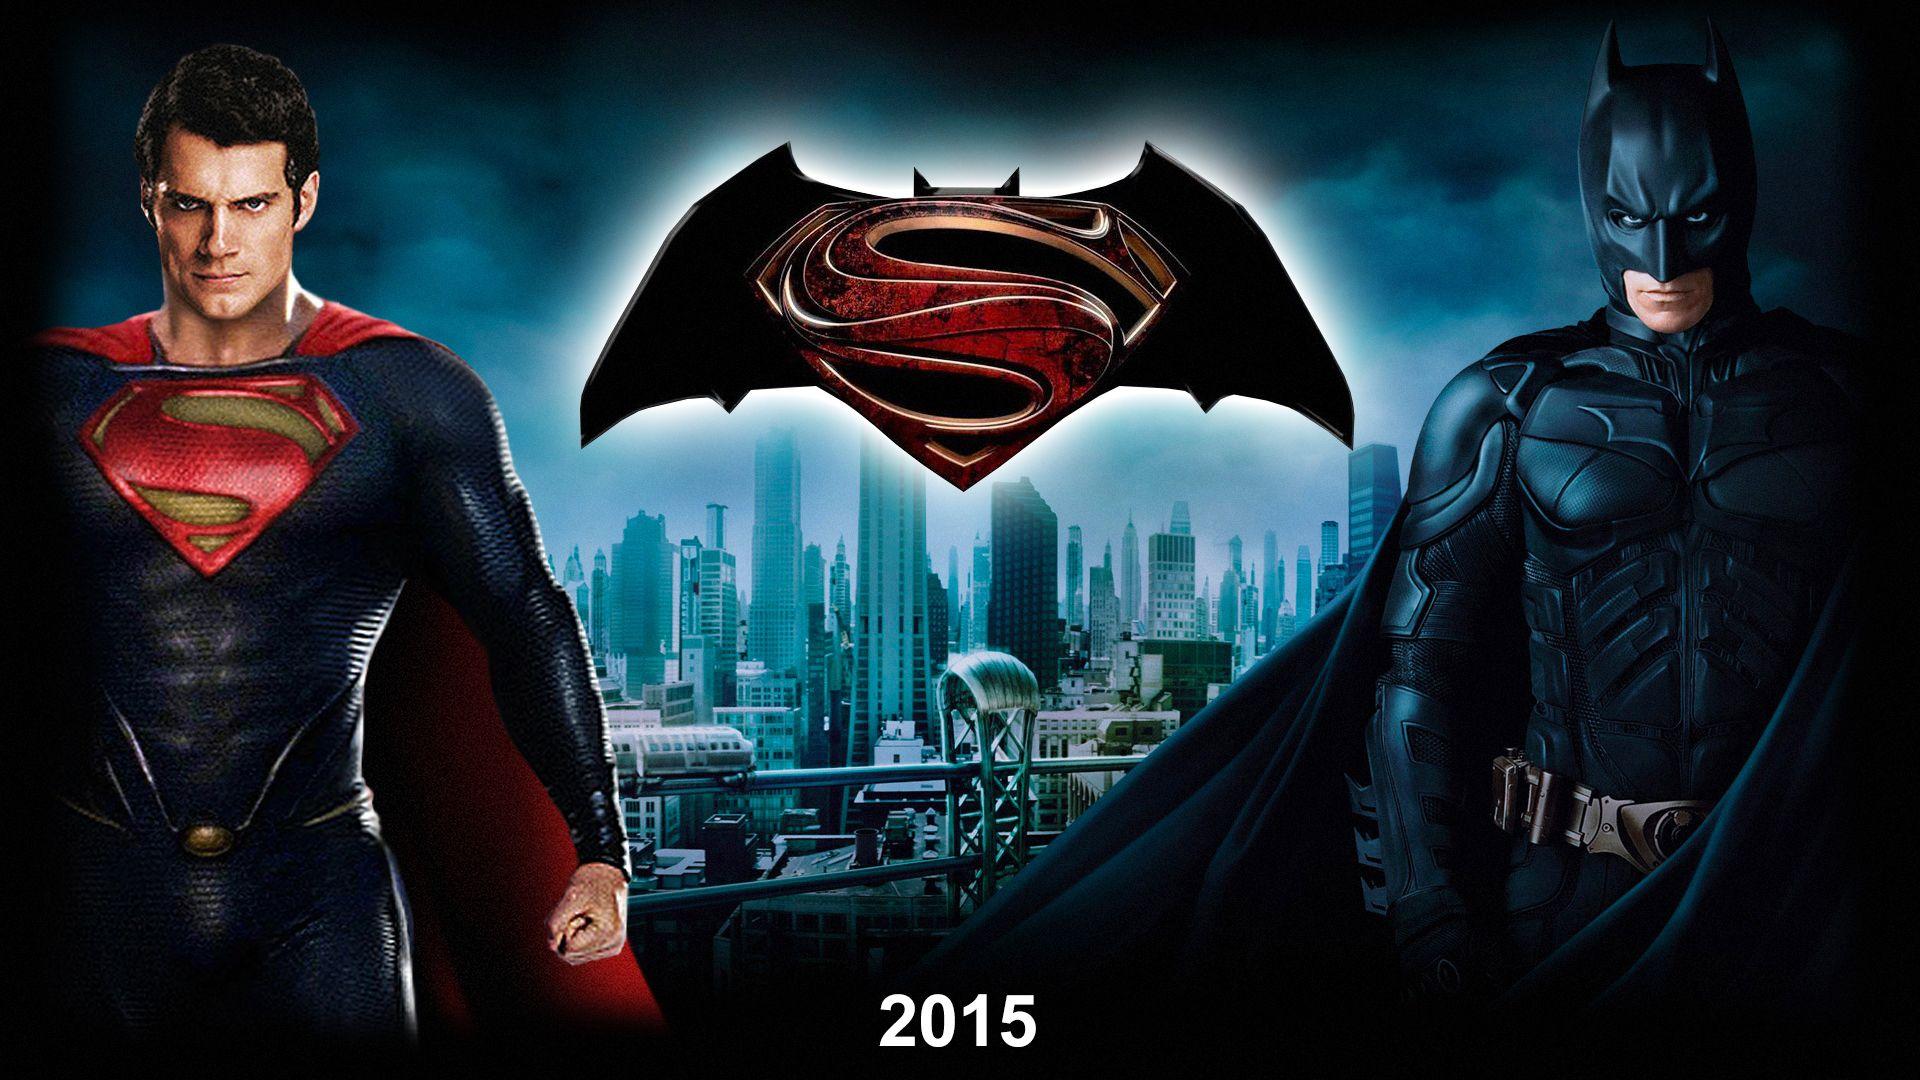 Unique Batman Vs Superman Bedroom Ideas That Rock: 3D Wallpaper Of Superman And Batman - 2015